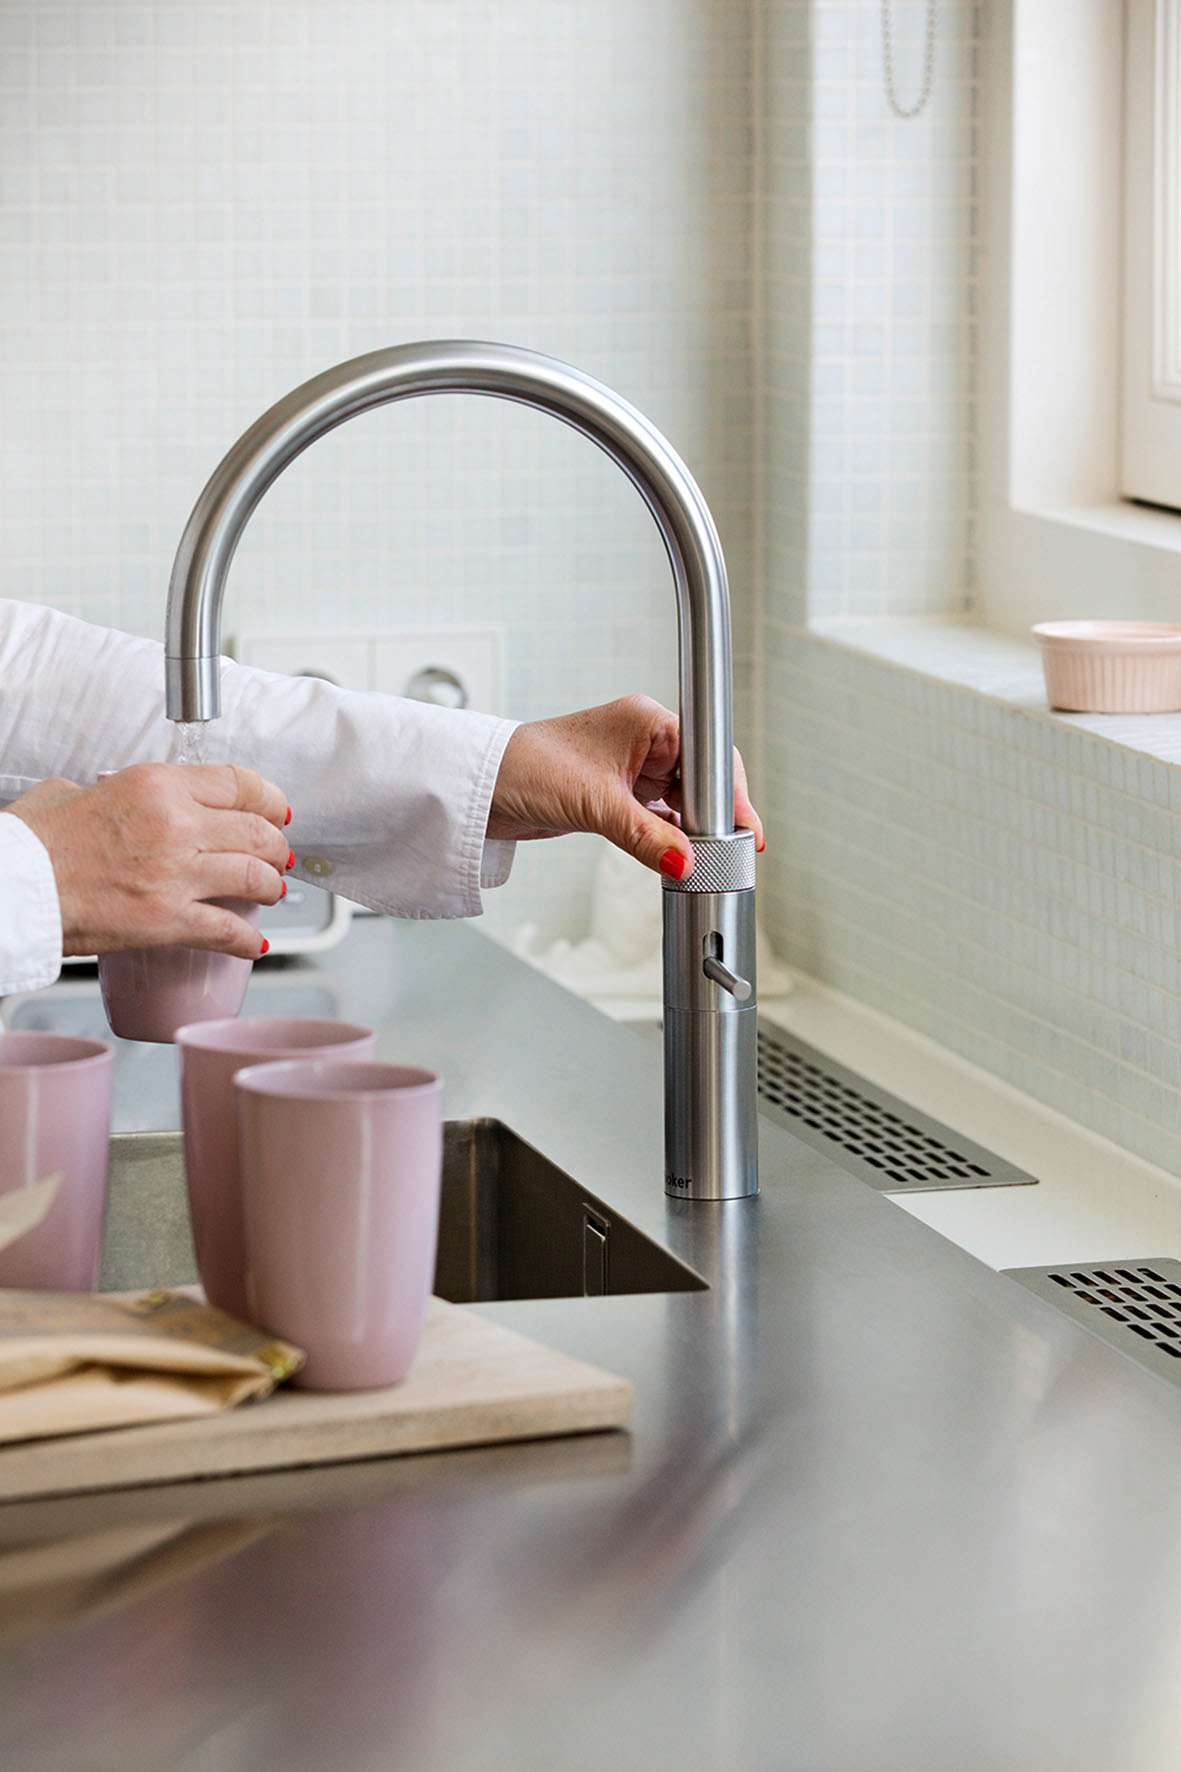 Kochendes Wasser direkt aus dem Hahn: Spezielle Armaturen sorgen für mehr Komfort in der Küche. Foto: djd/Quooker